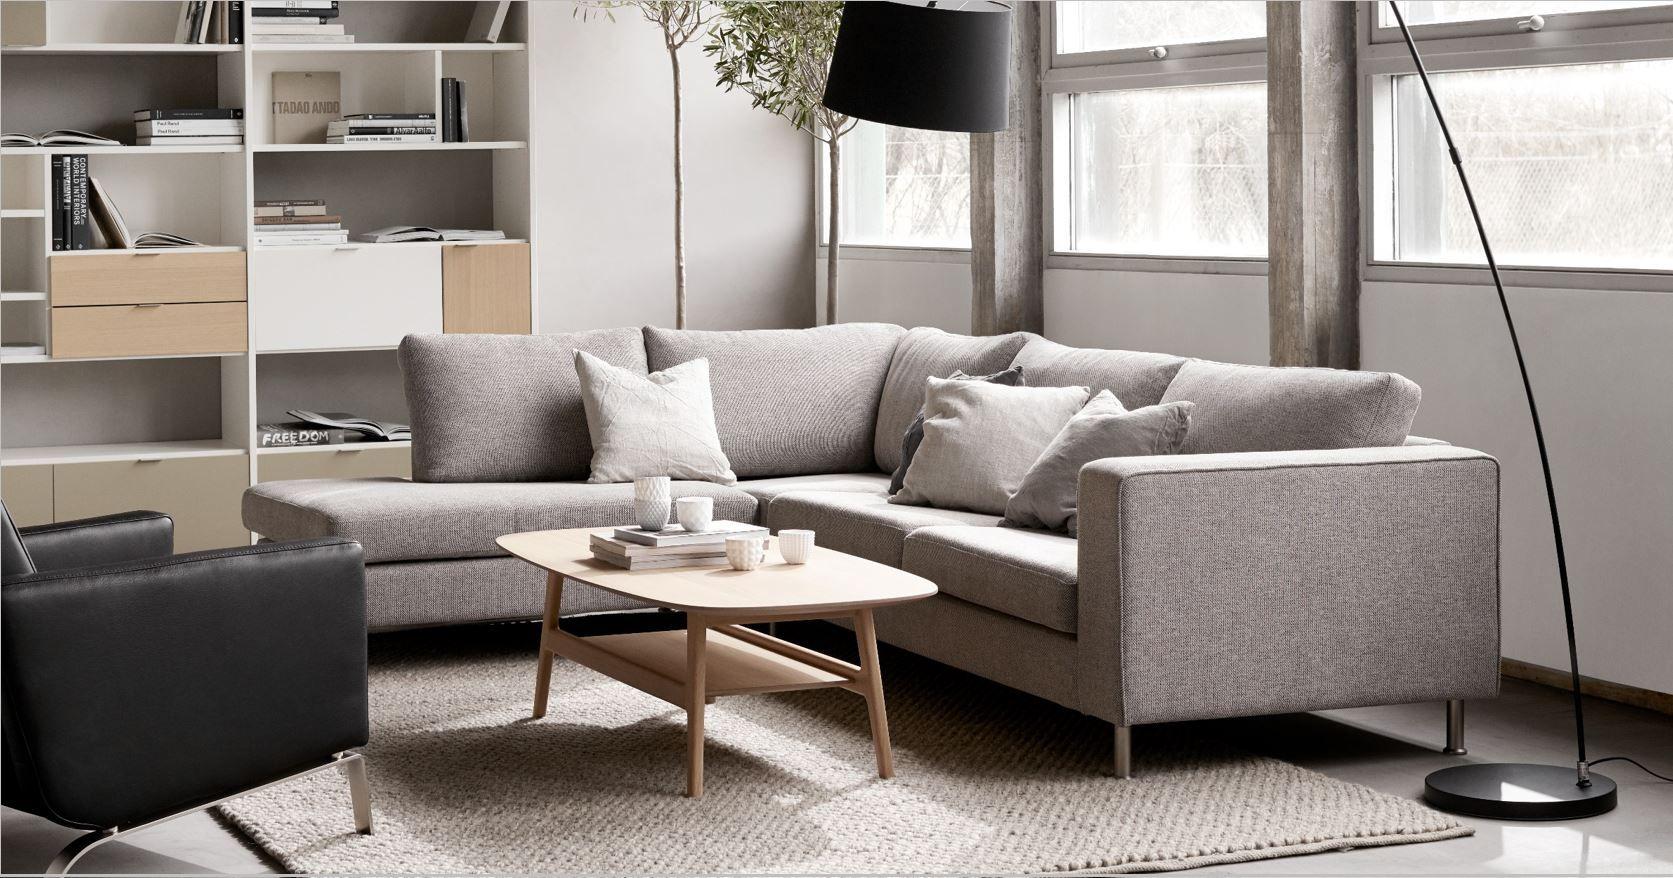 boconcept hannover: ein sofa für alle: indivi 2 http://www